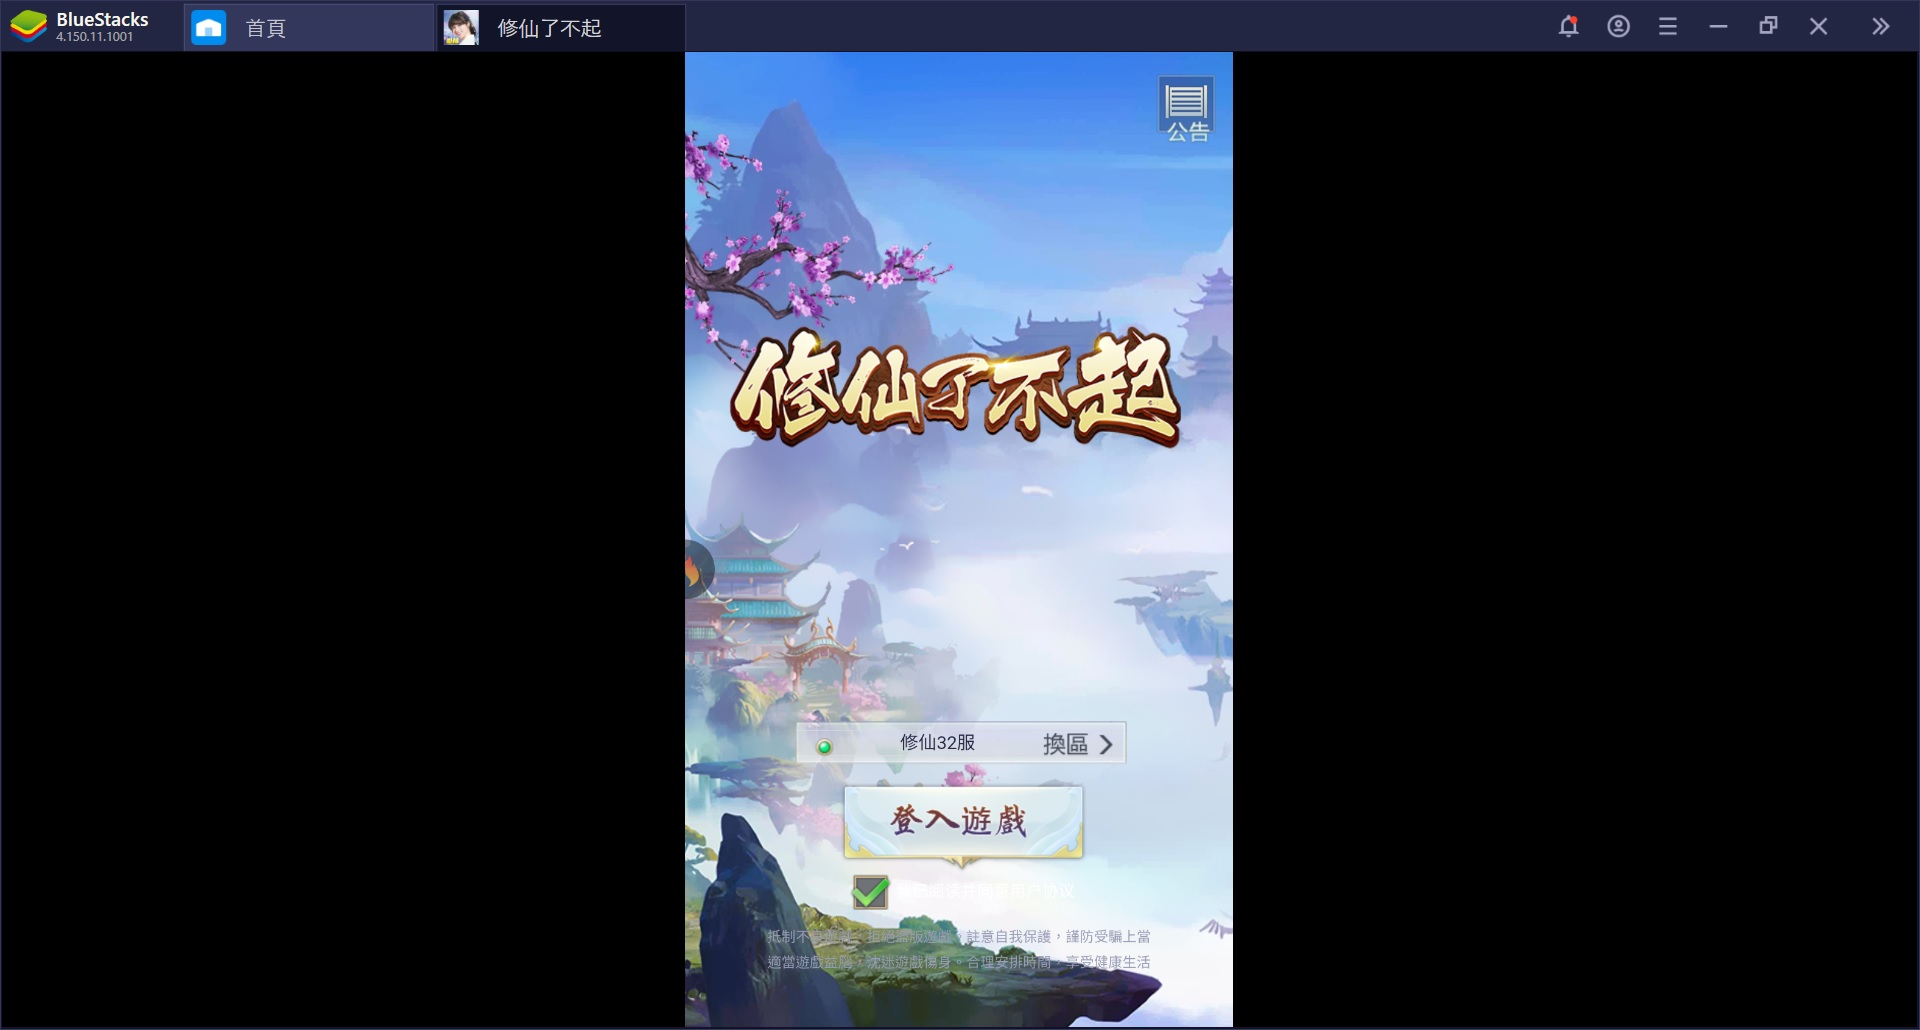 使用BlueStacks在電腦上體驗豎版掛機修真RPG手機遊戲《修仙了不起》